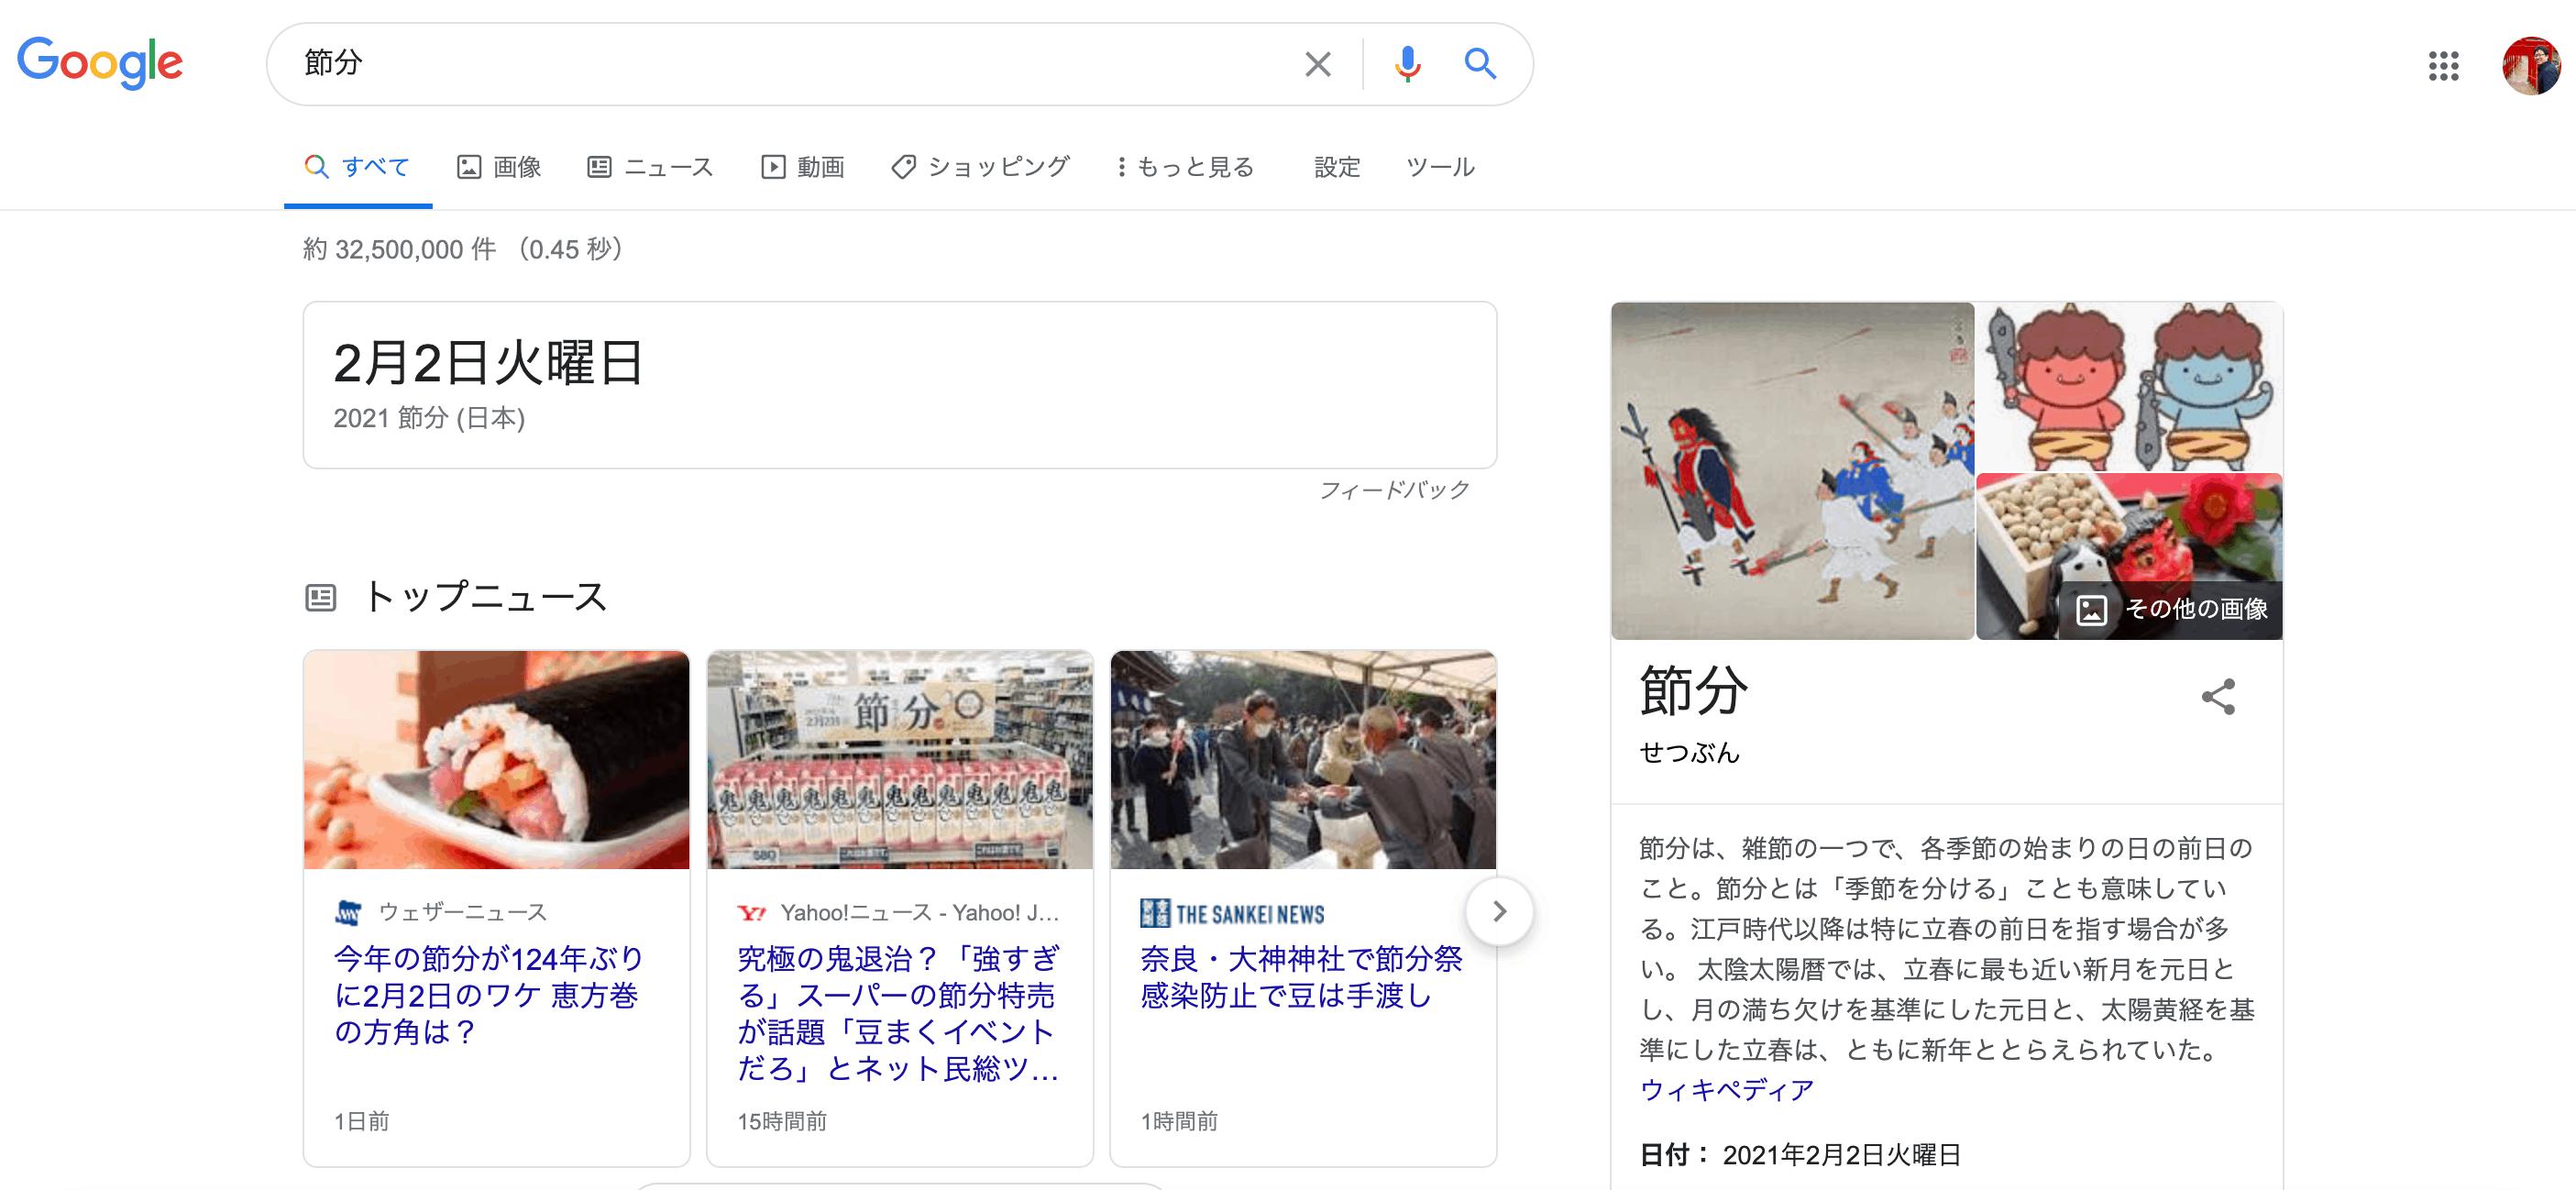 節分のGoogle検索画面